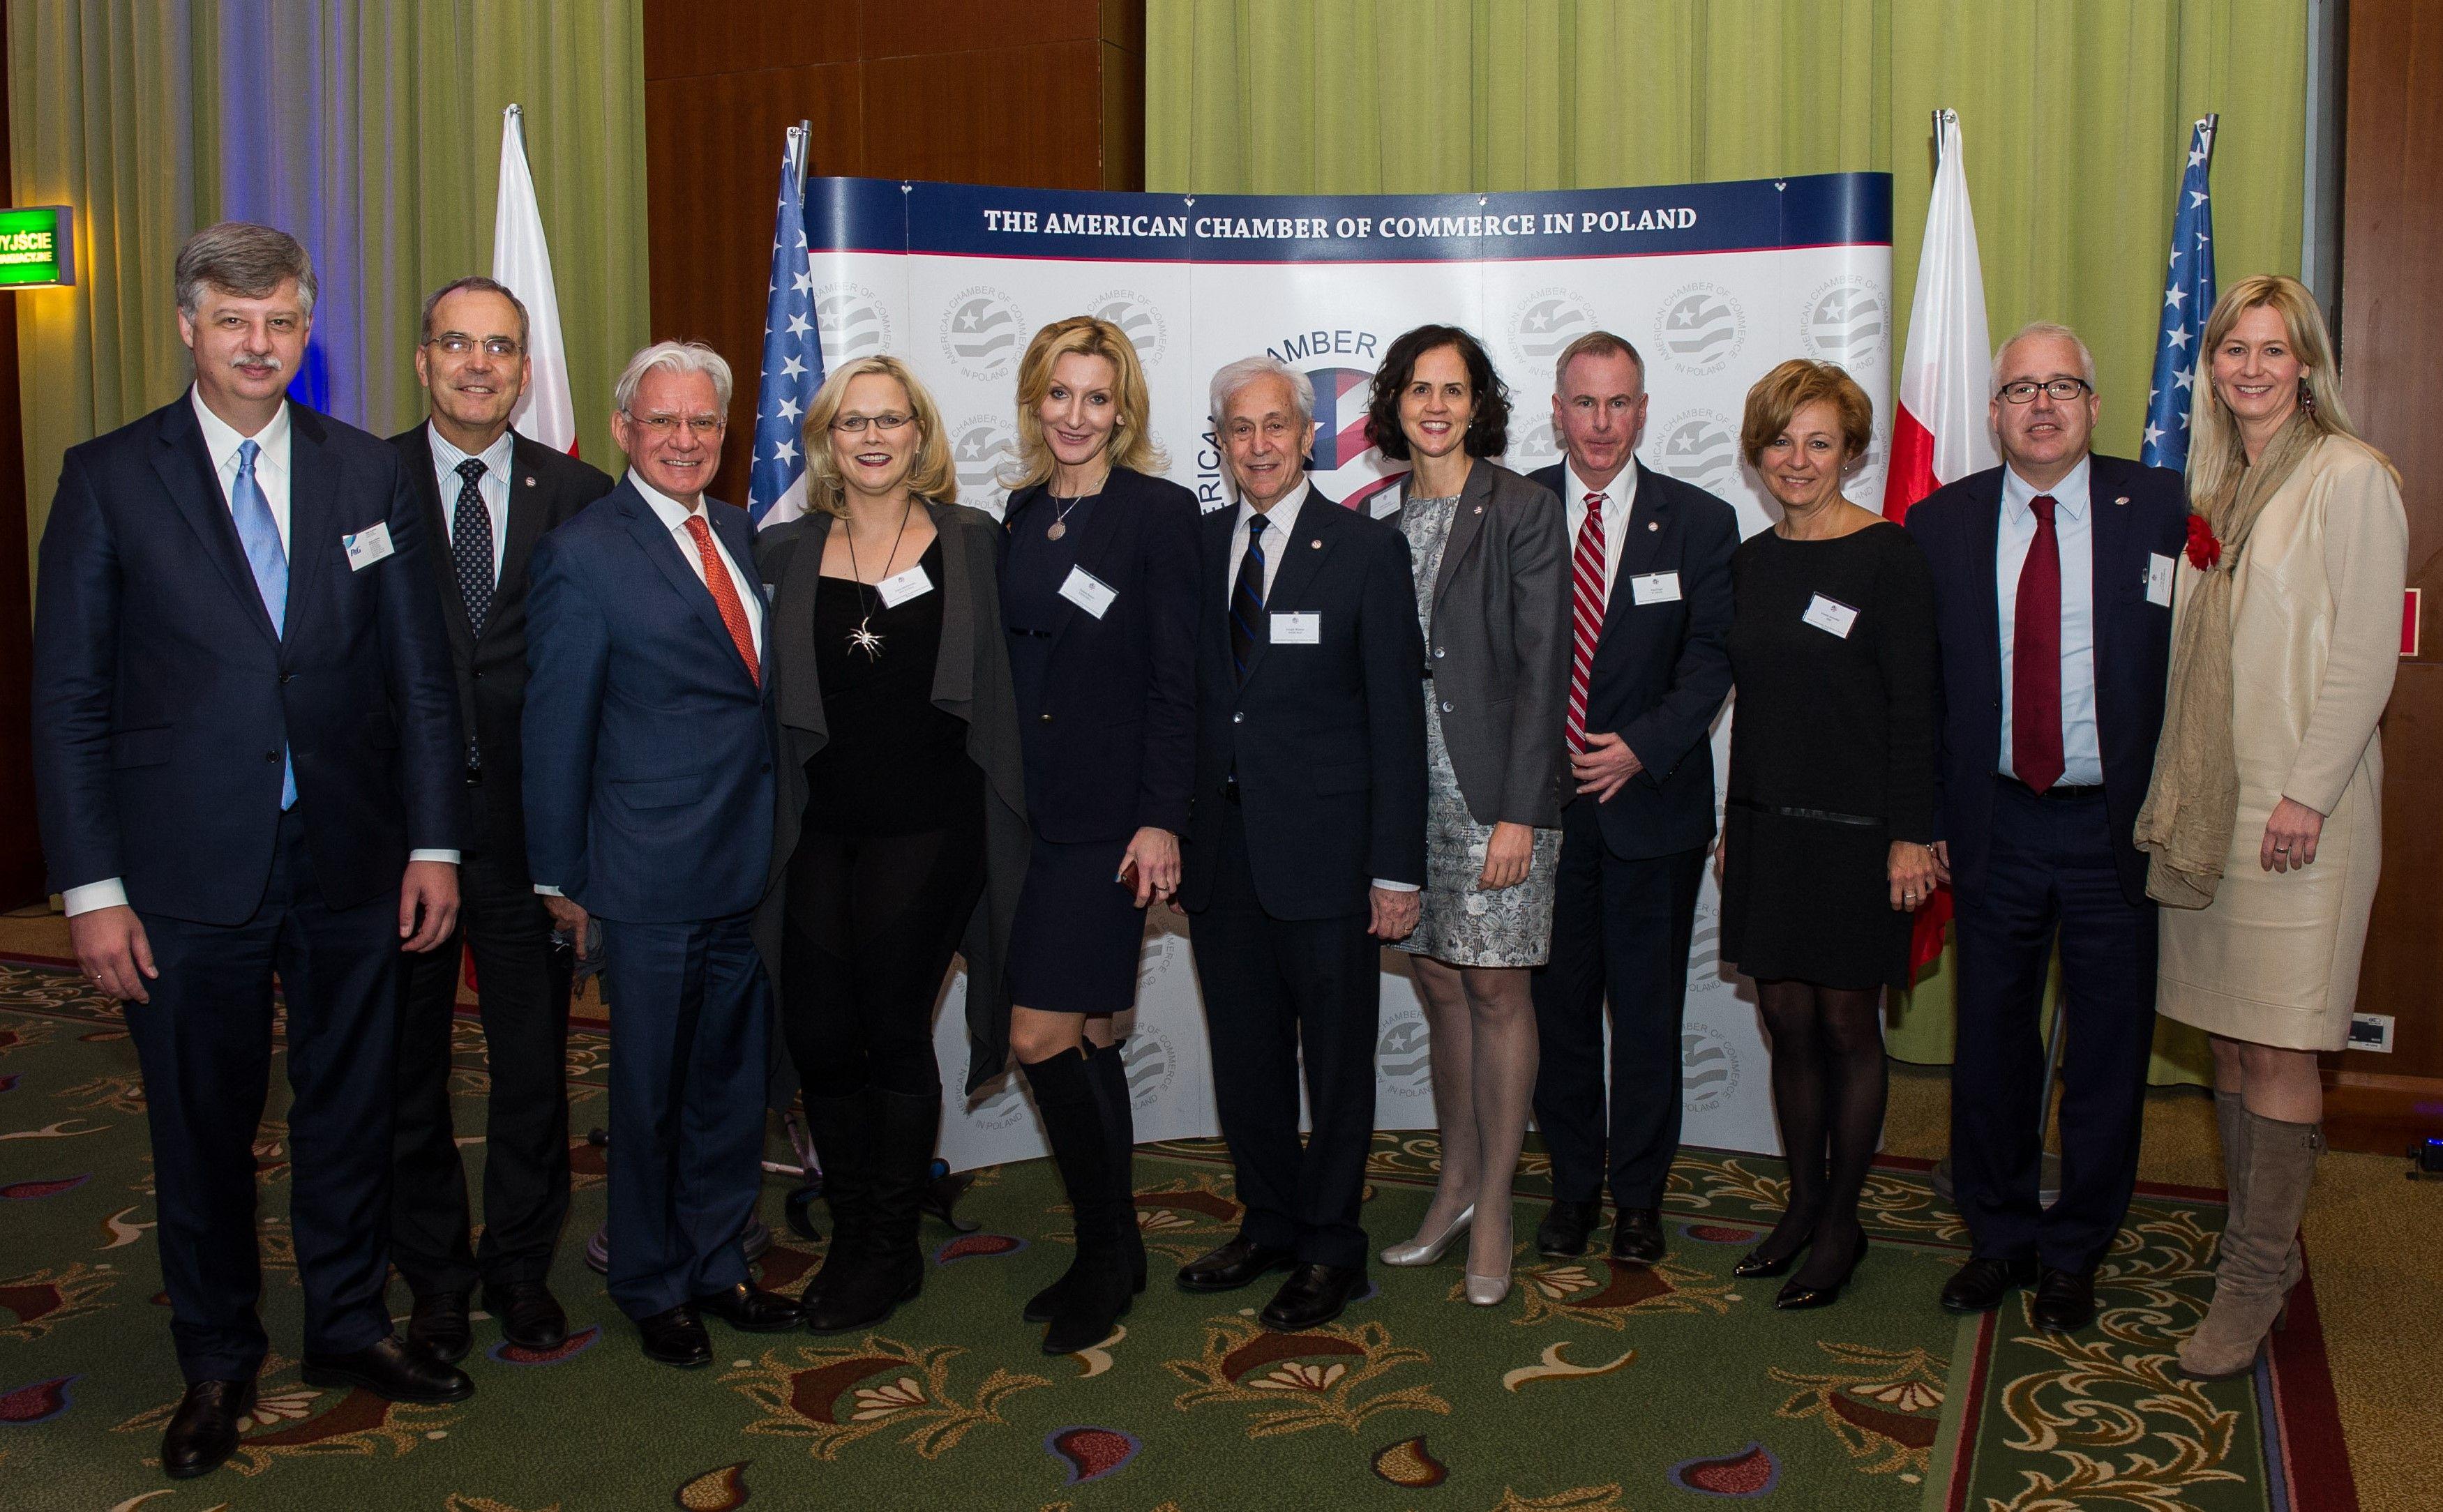 Nowa Rada Dyrektorów Amerykańskiej Izby Handlowej